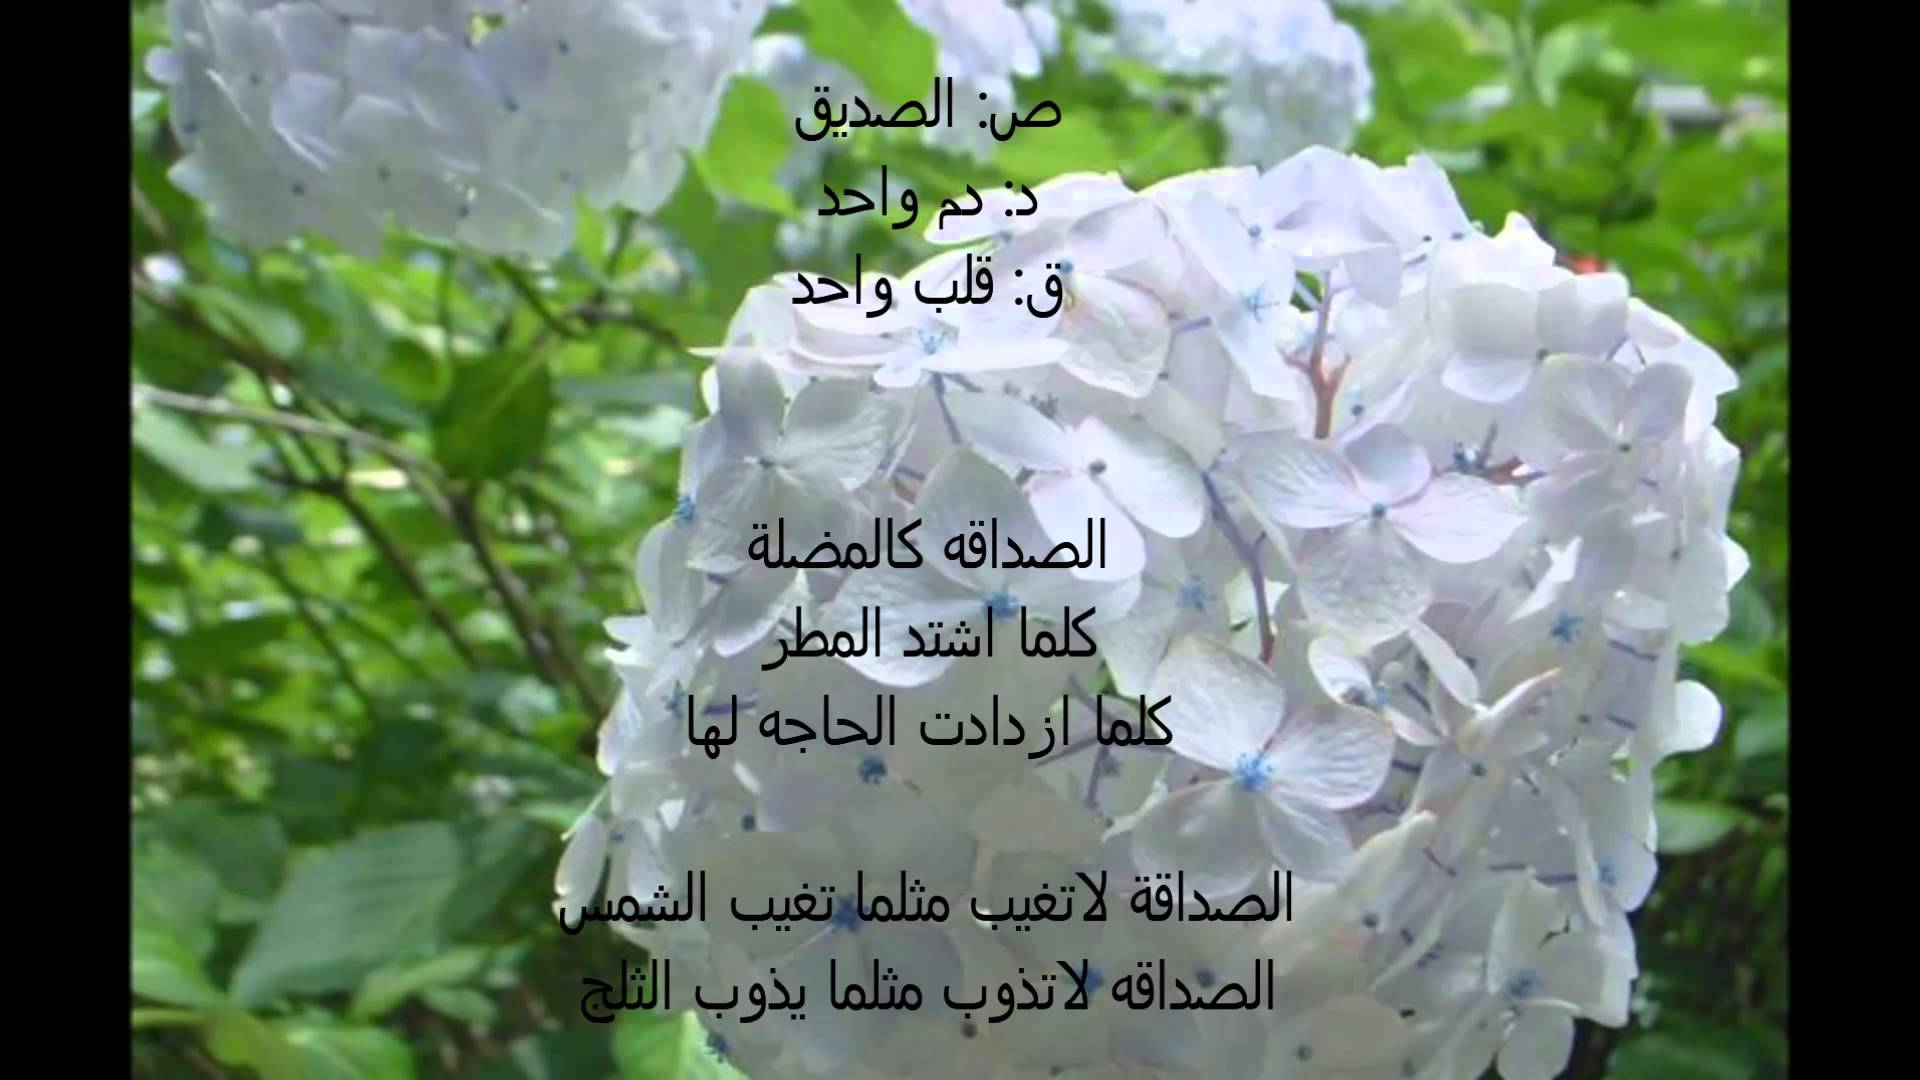 صورة اجمل ماقيل عن الصداقة , صديق حقيقي خير من الدنيا